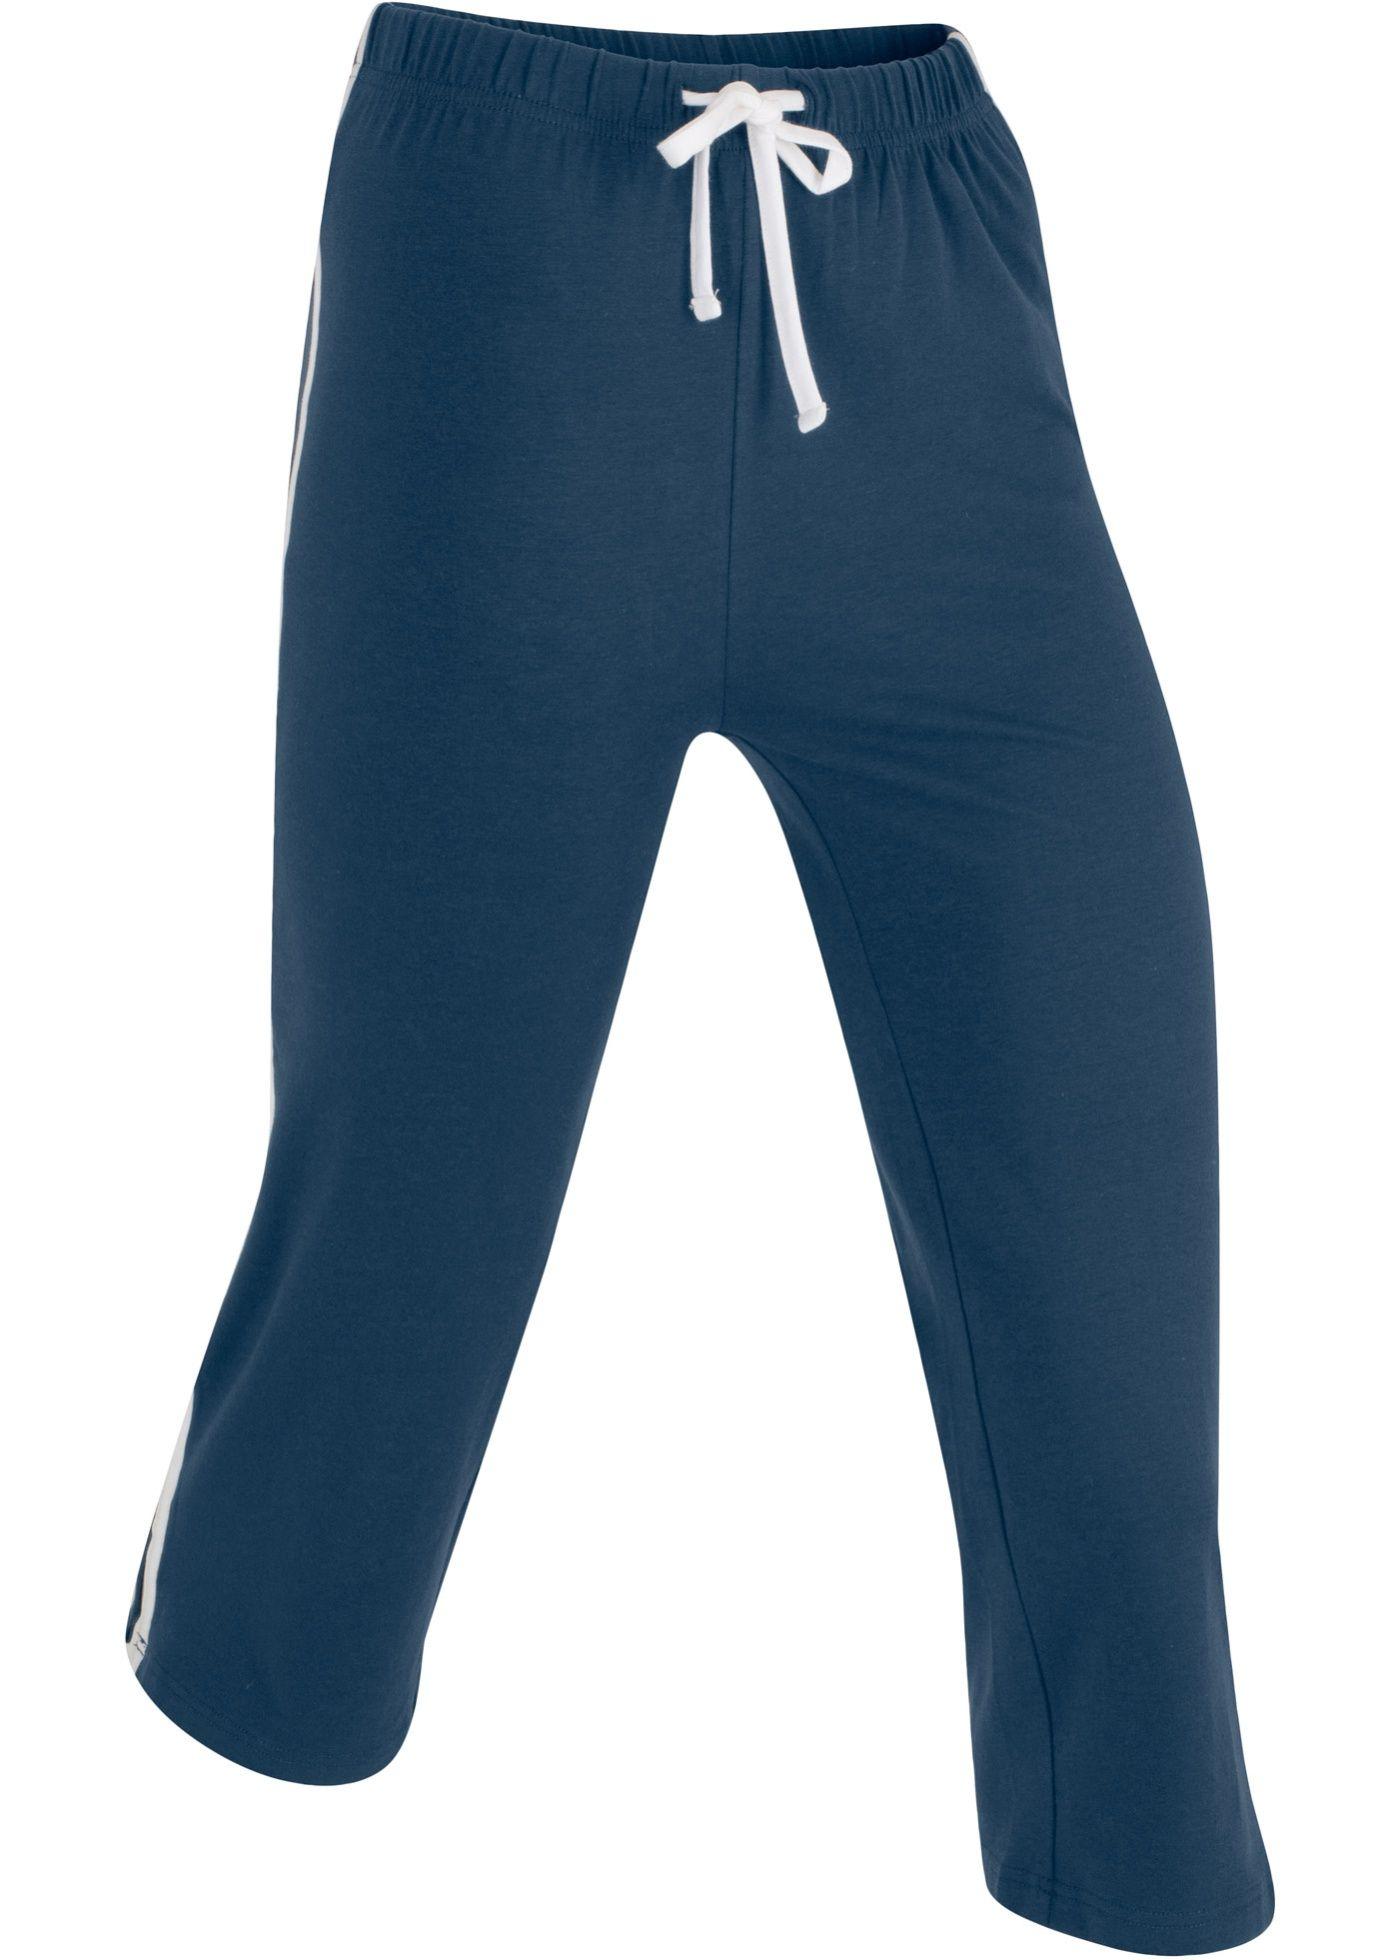 bpc bonprix collection Damen Hose mit Komfortbund und Bindeband in schwarz: Innenbeinlänge in Gr.42 ca.79cm, maschinenwaschbar. - Unterteile von bonprix. Weitere überraschend günstige Unterteile finden Sie auf bonprix.de.